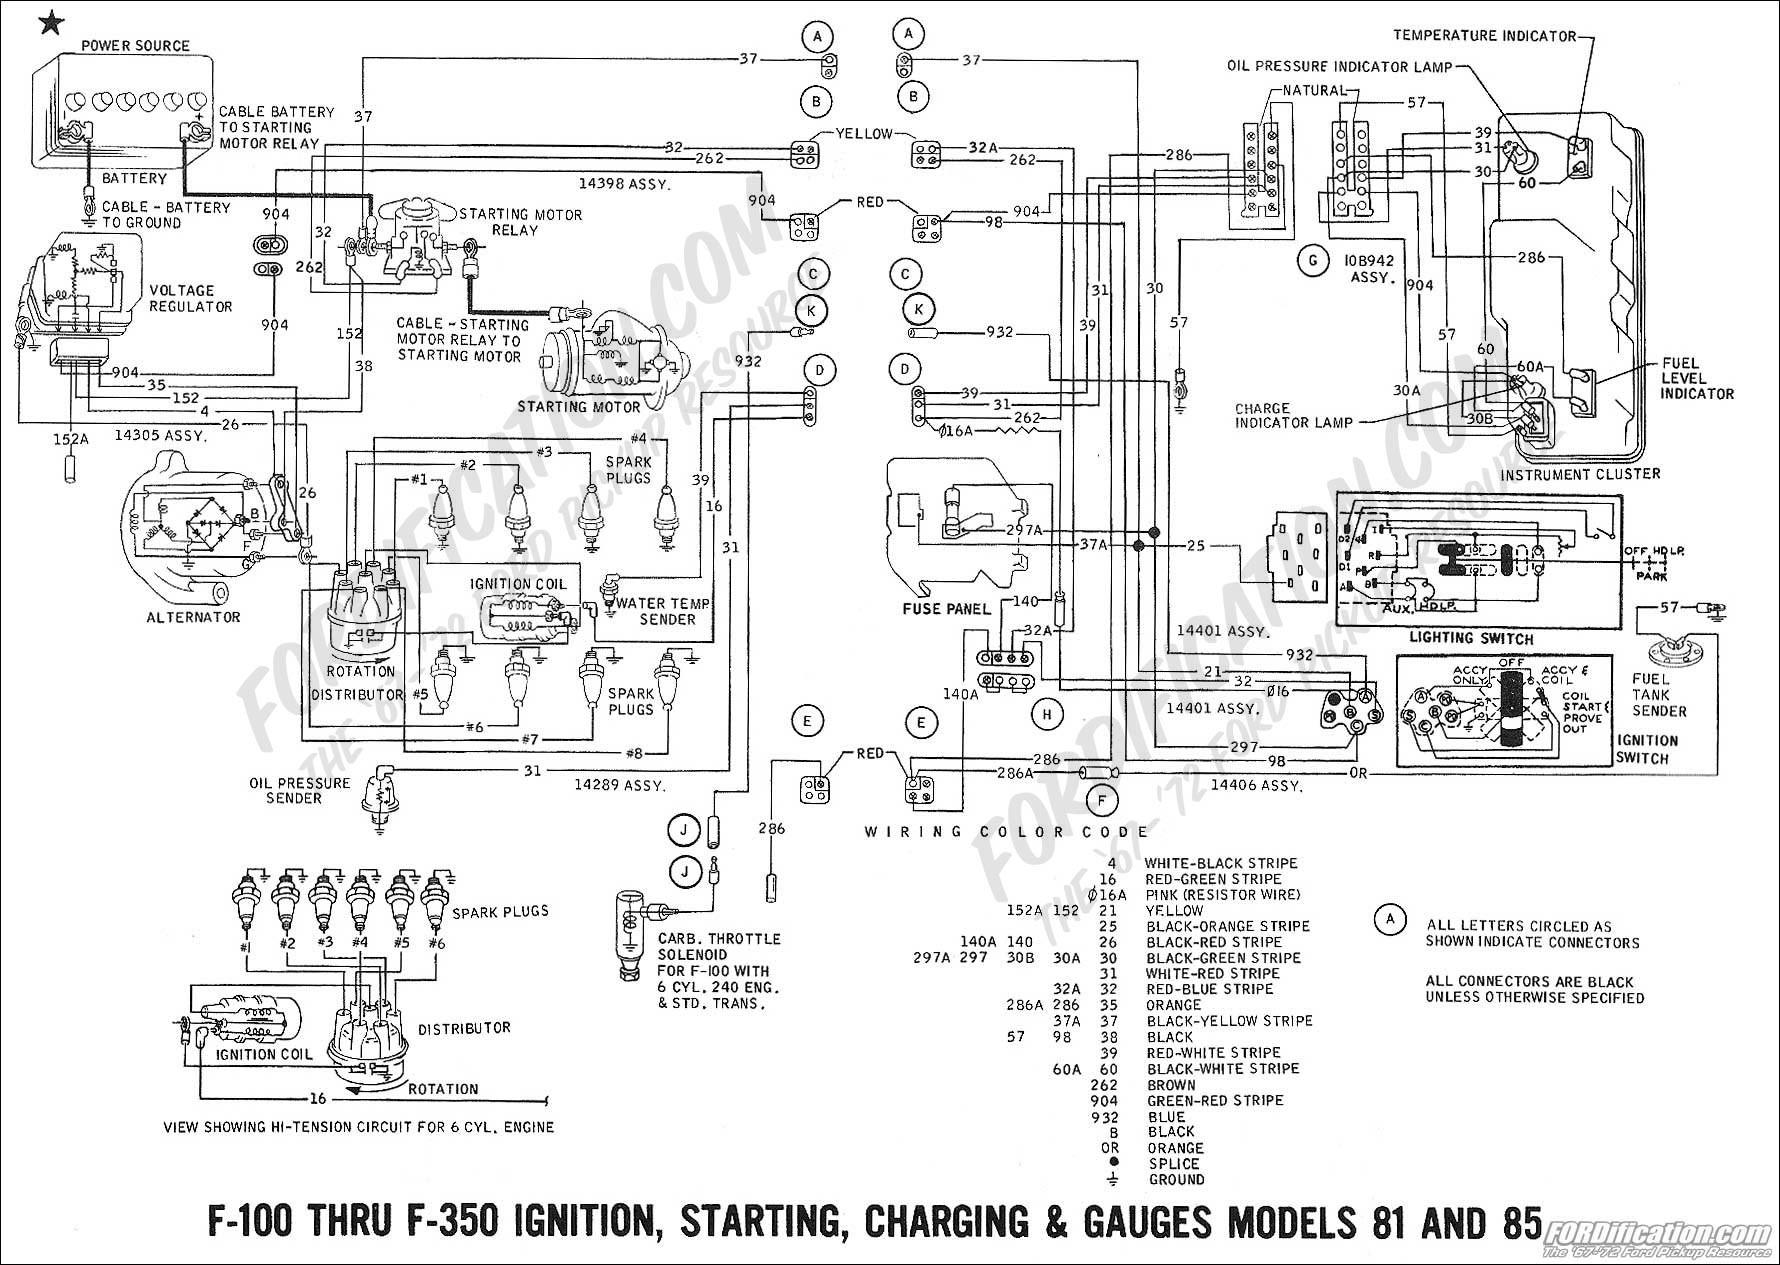 95 ford f700 wiring diagram wiring diagrams folder